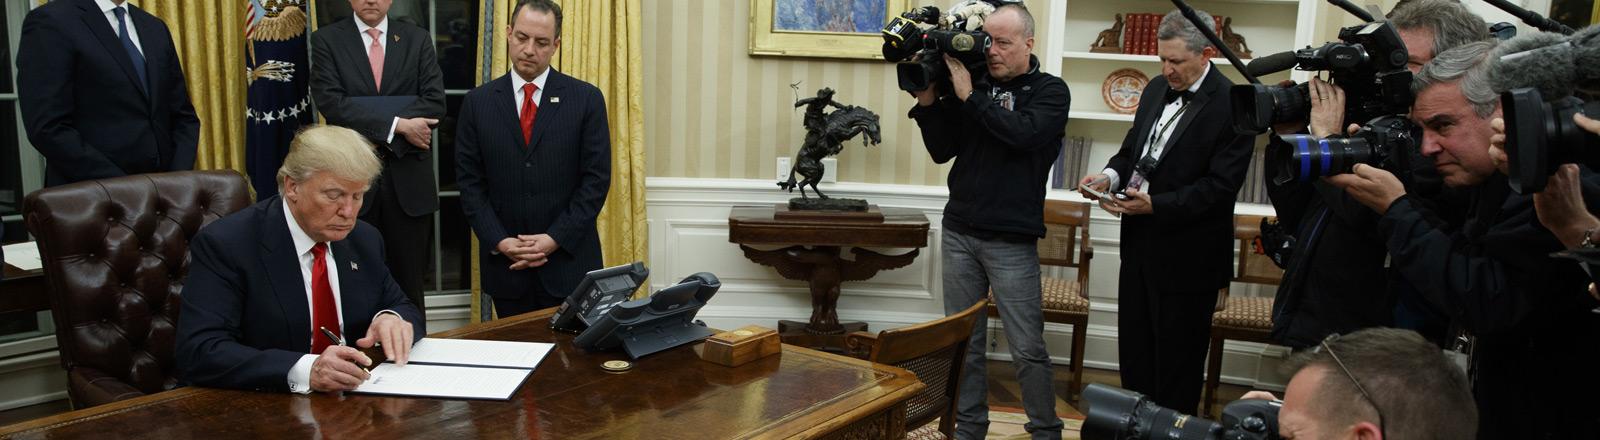 US-Präsident Donald Trump unterzeichnet ein Dekret im Oval Office im White House.